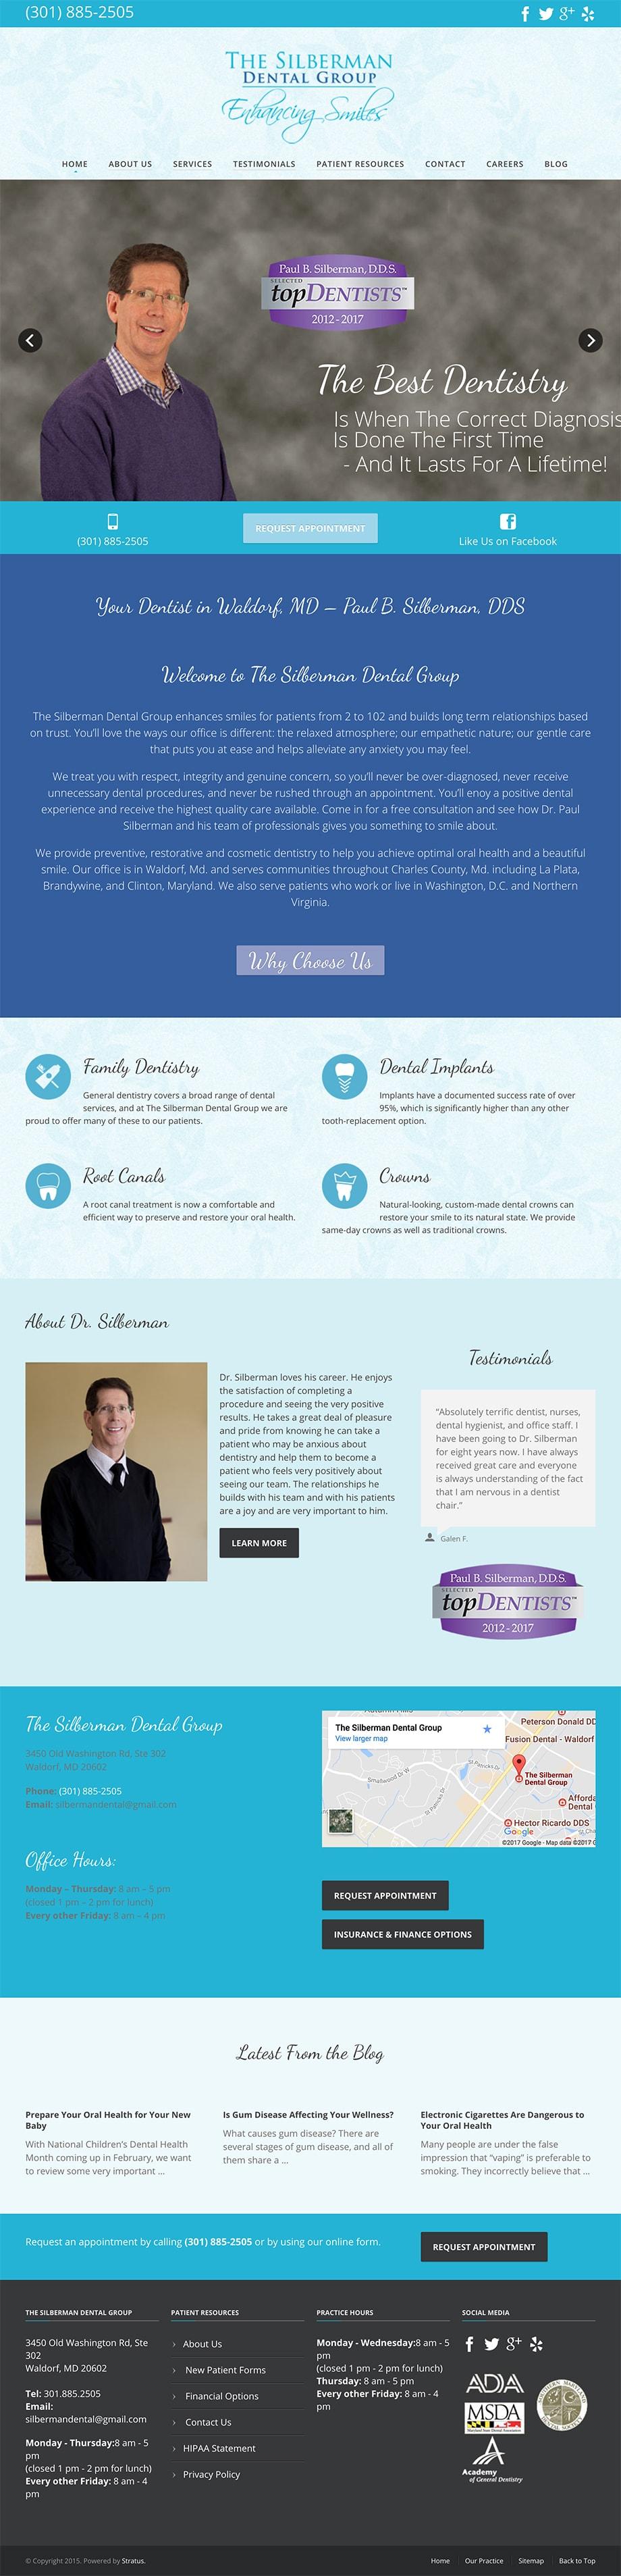 Silberman Dental Group old dental website -desktop version